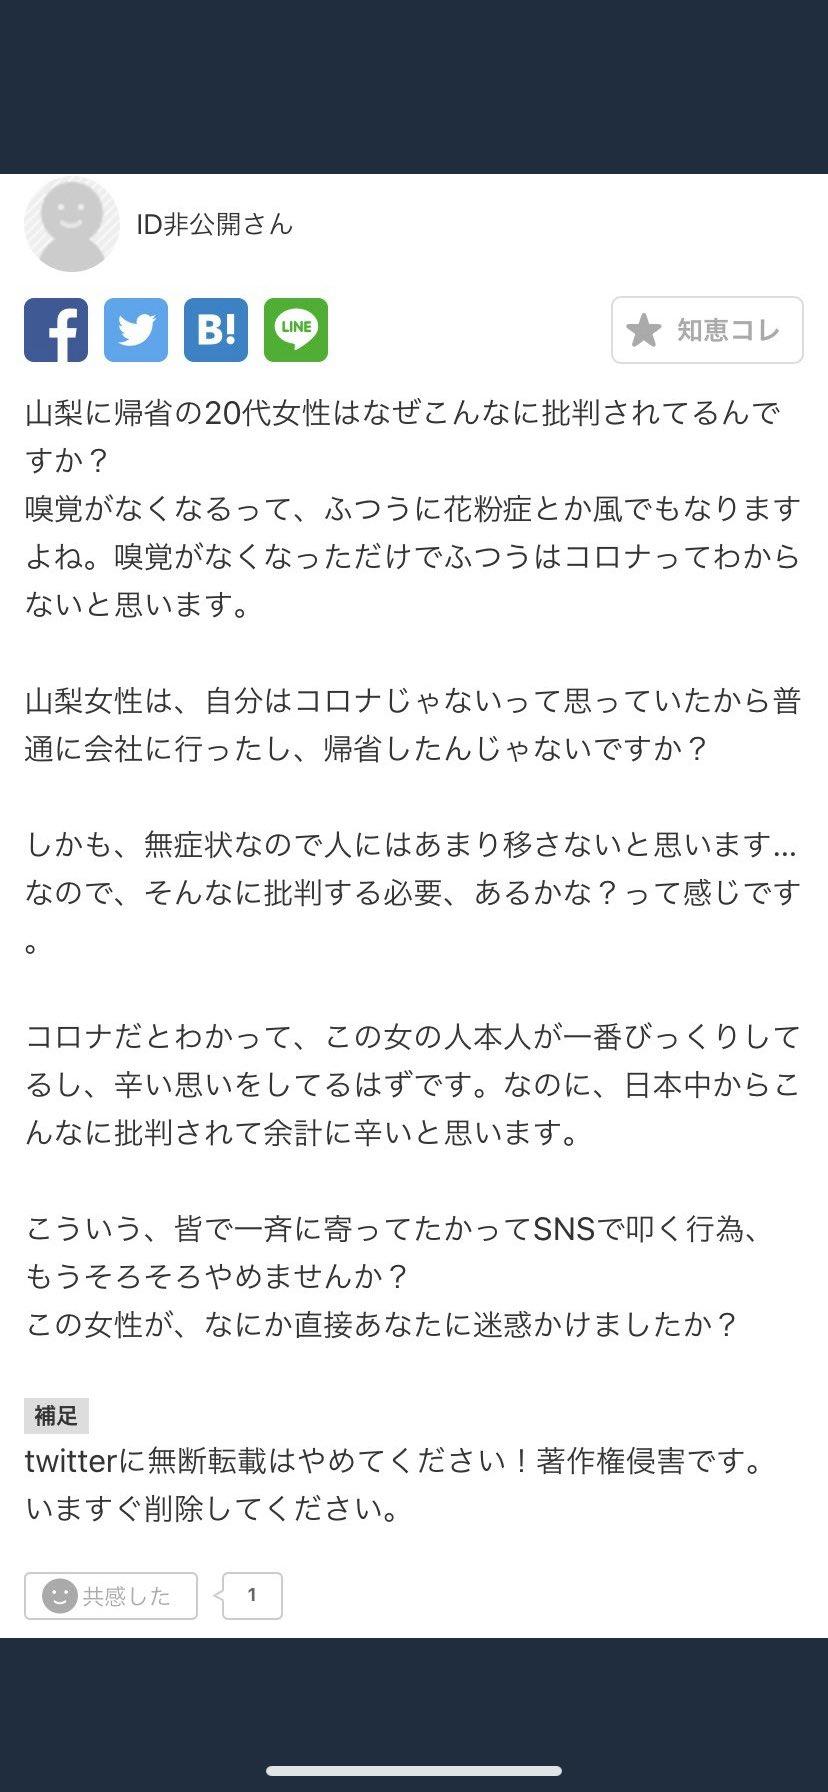 知恵袋 山梨 コロナ 山梨新型コロナ・感染症掲示板|ローカルクチコミ爆サイ.com甲信越版